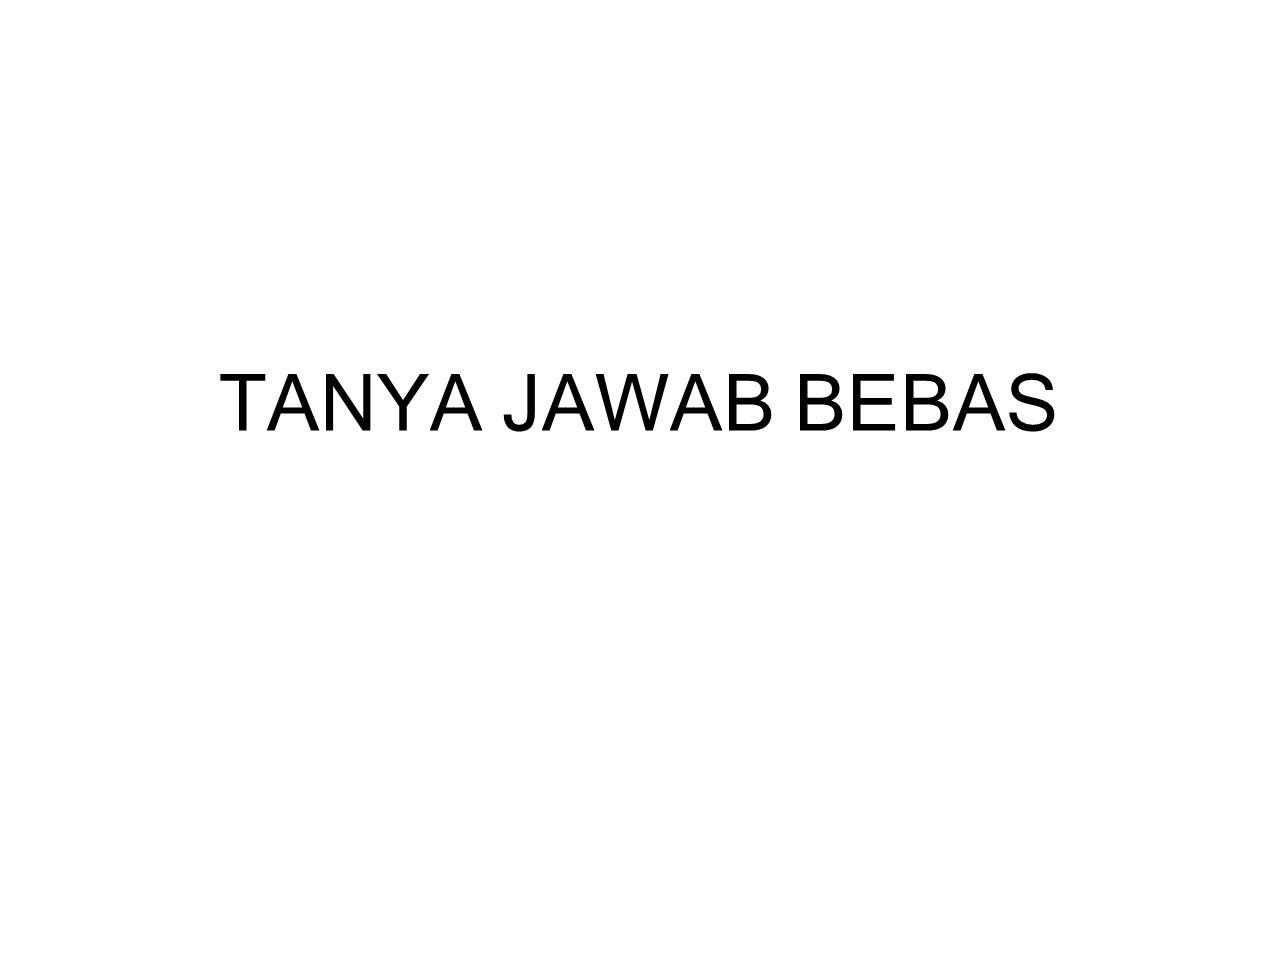 TANYA JAWAB BEBAS